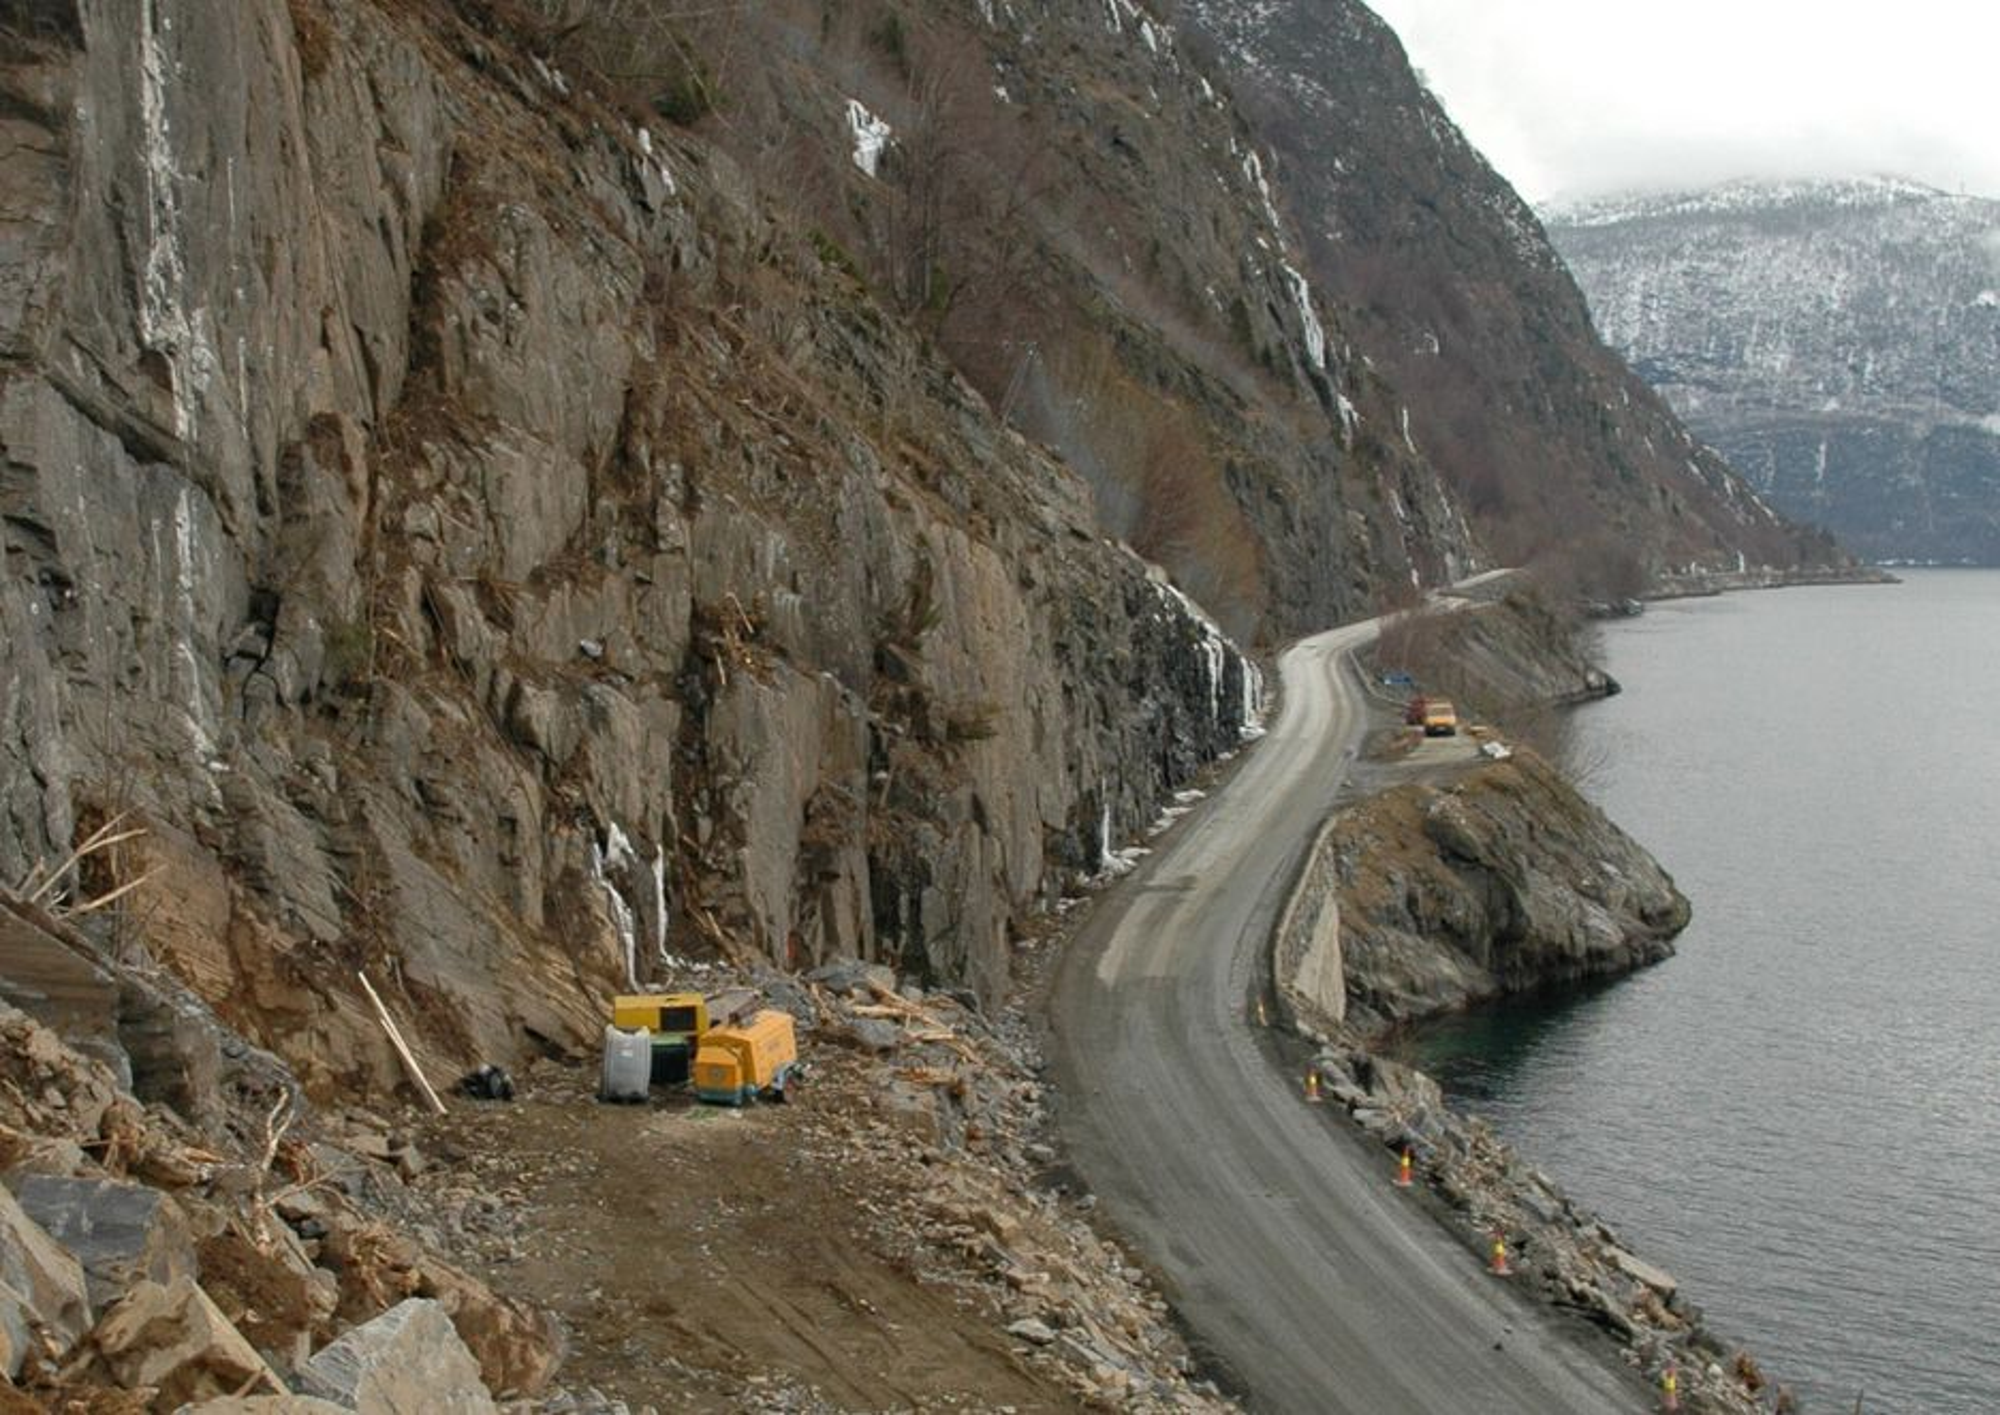 NØDVENDIG: Her gjøres innslaget i Fatlaberget fra vest. Den smale veien langs fjorden er svært rasutsatt, og mange fastboende gruer seg til hver eneste kjøretur uten tunnel.